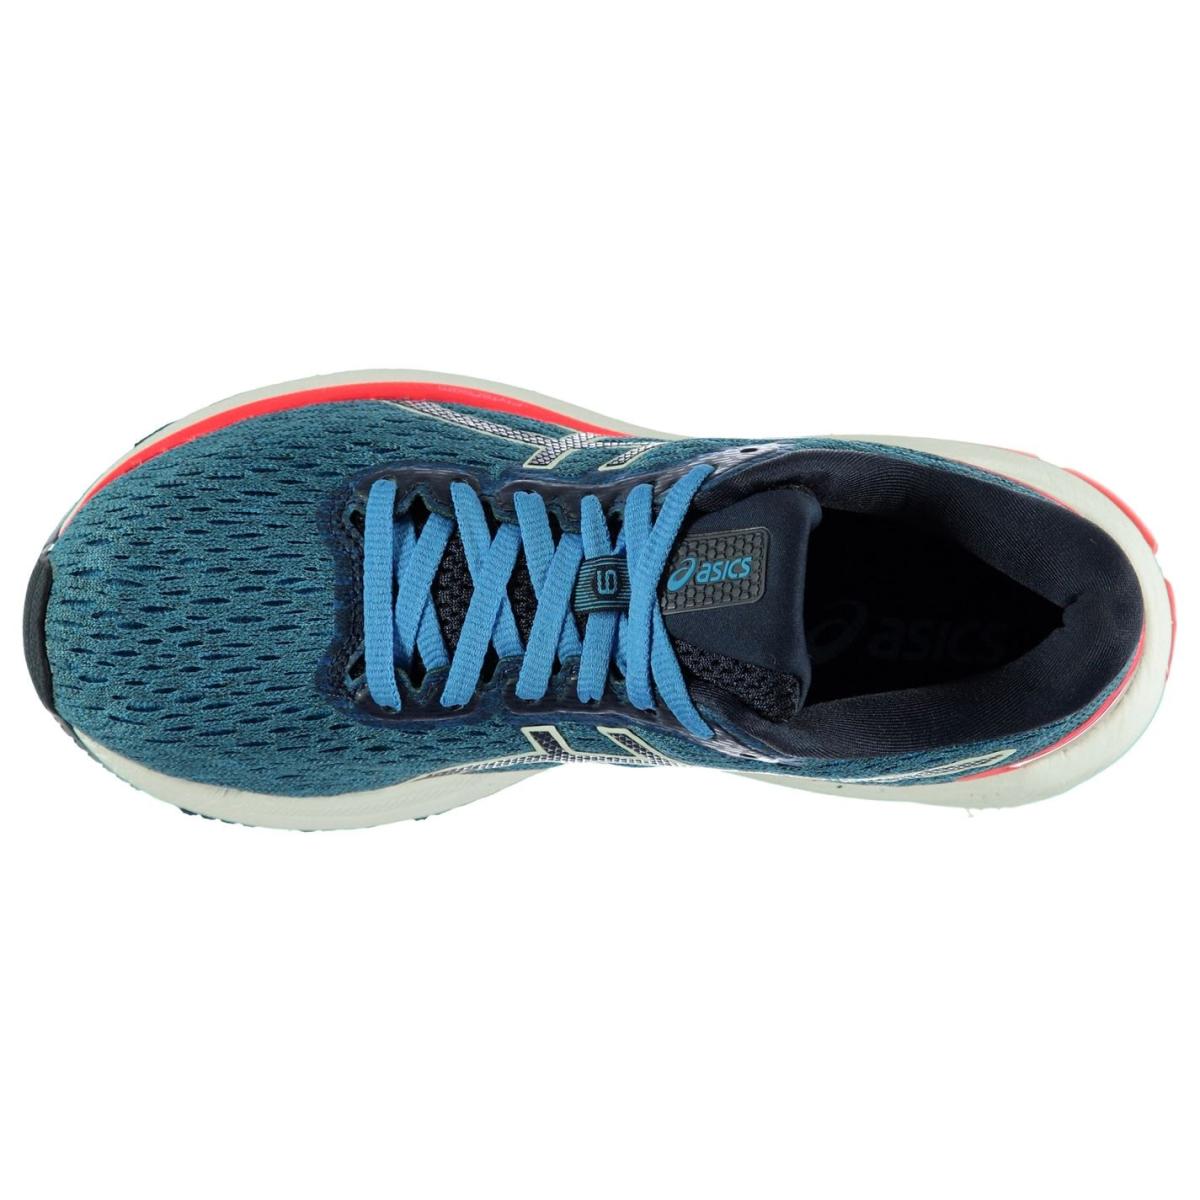 Asics-Turnschuhe-Damen-Sneaker-Sportschuhe-Laufschuhe-Gt1000v9-4243 Indexbild 4